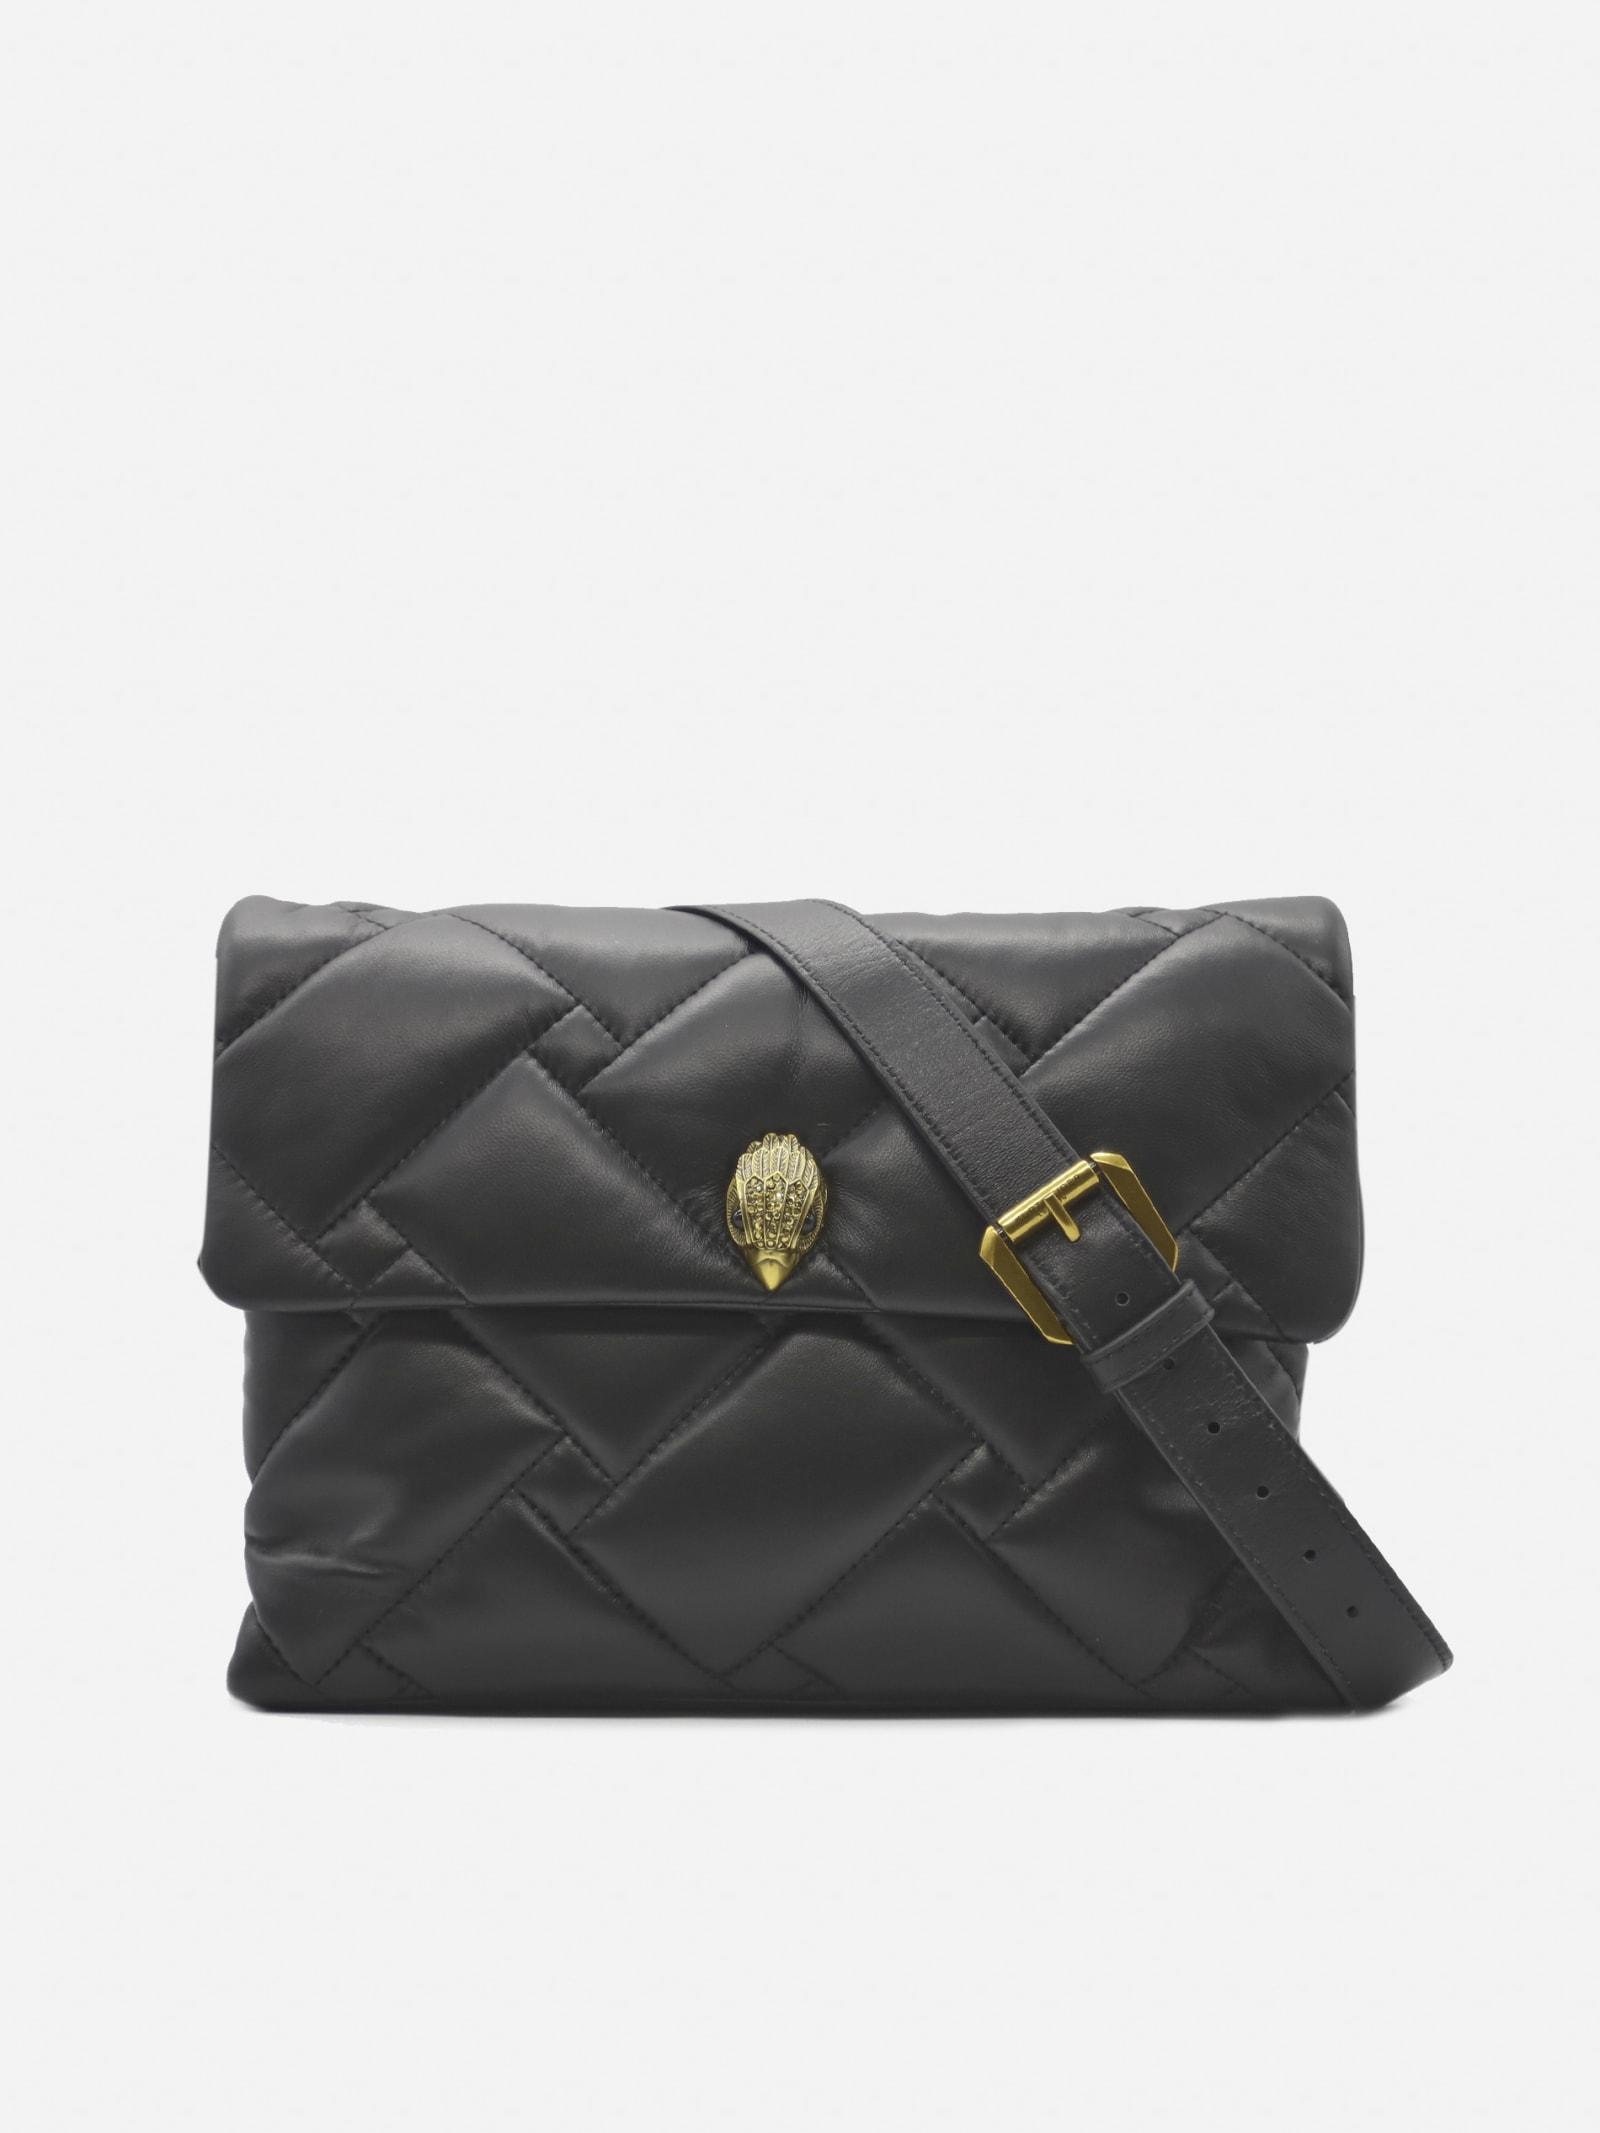 Soft Kensington Leather Shoulder Bag